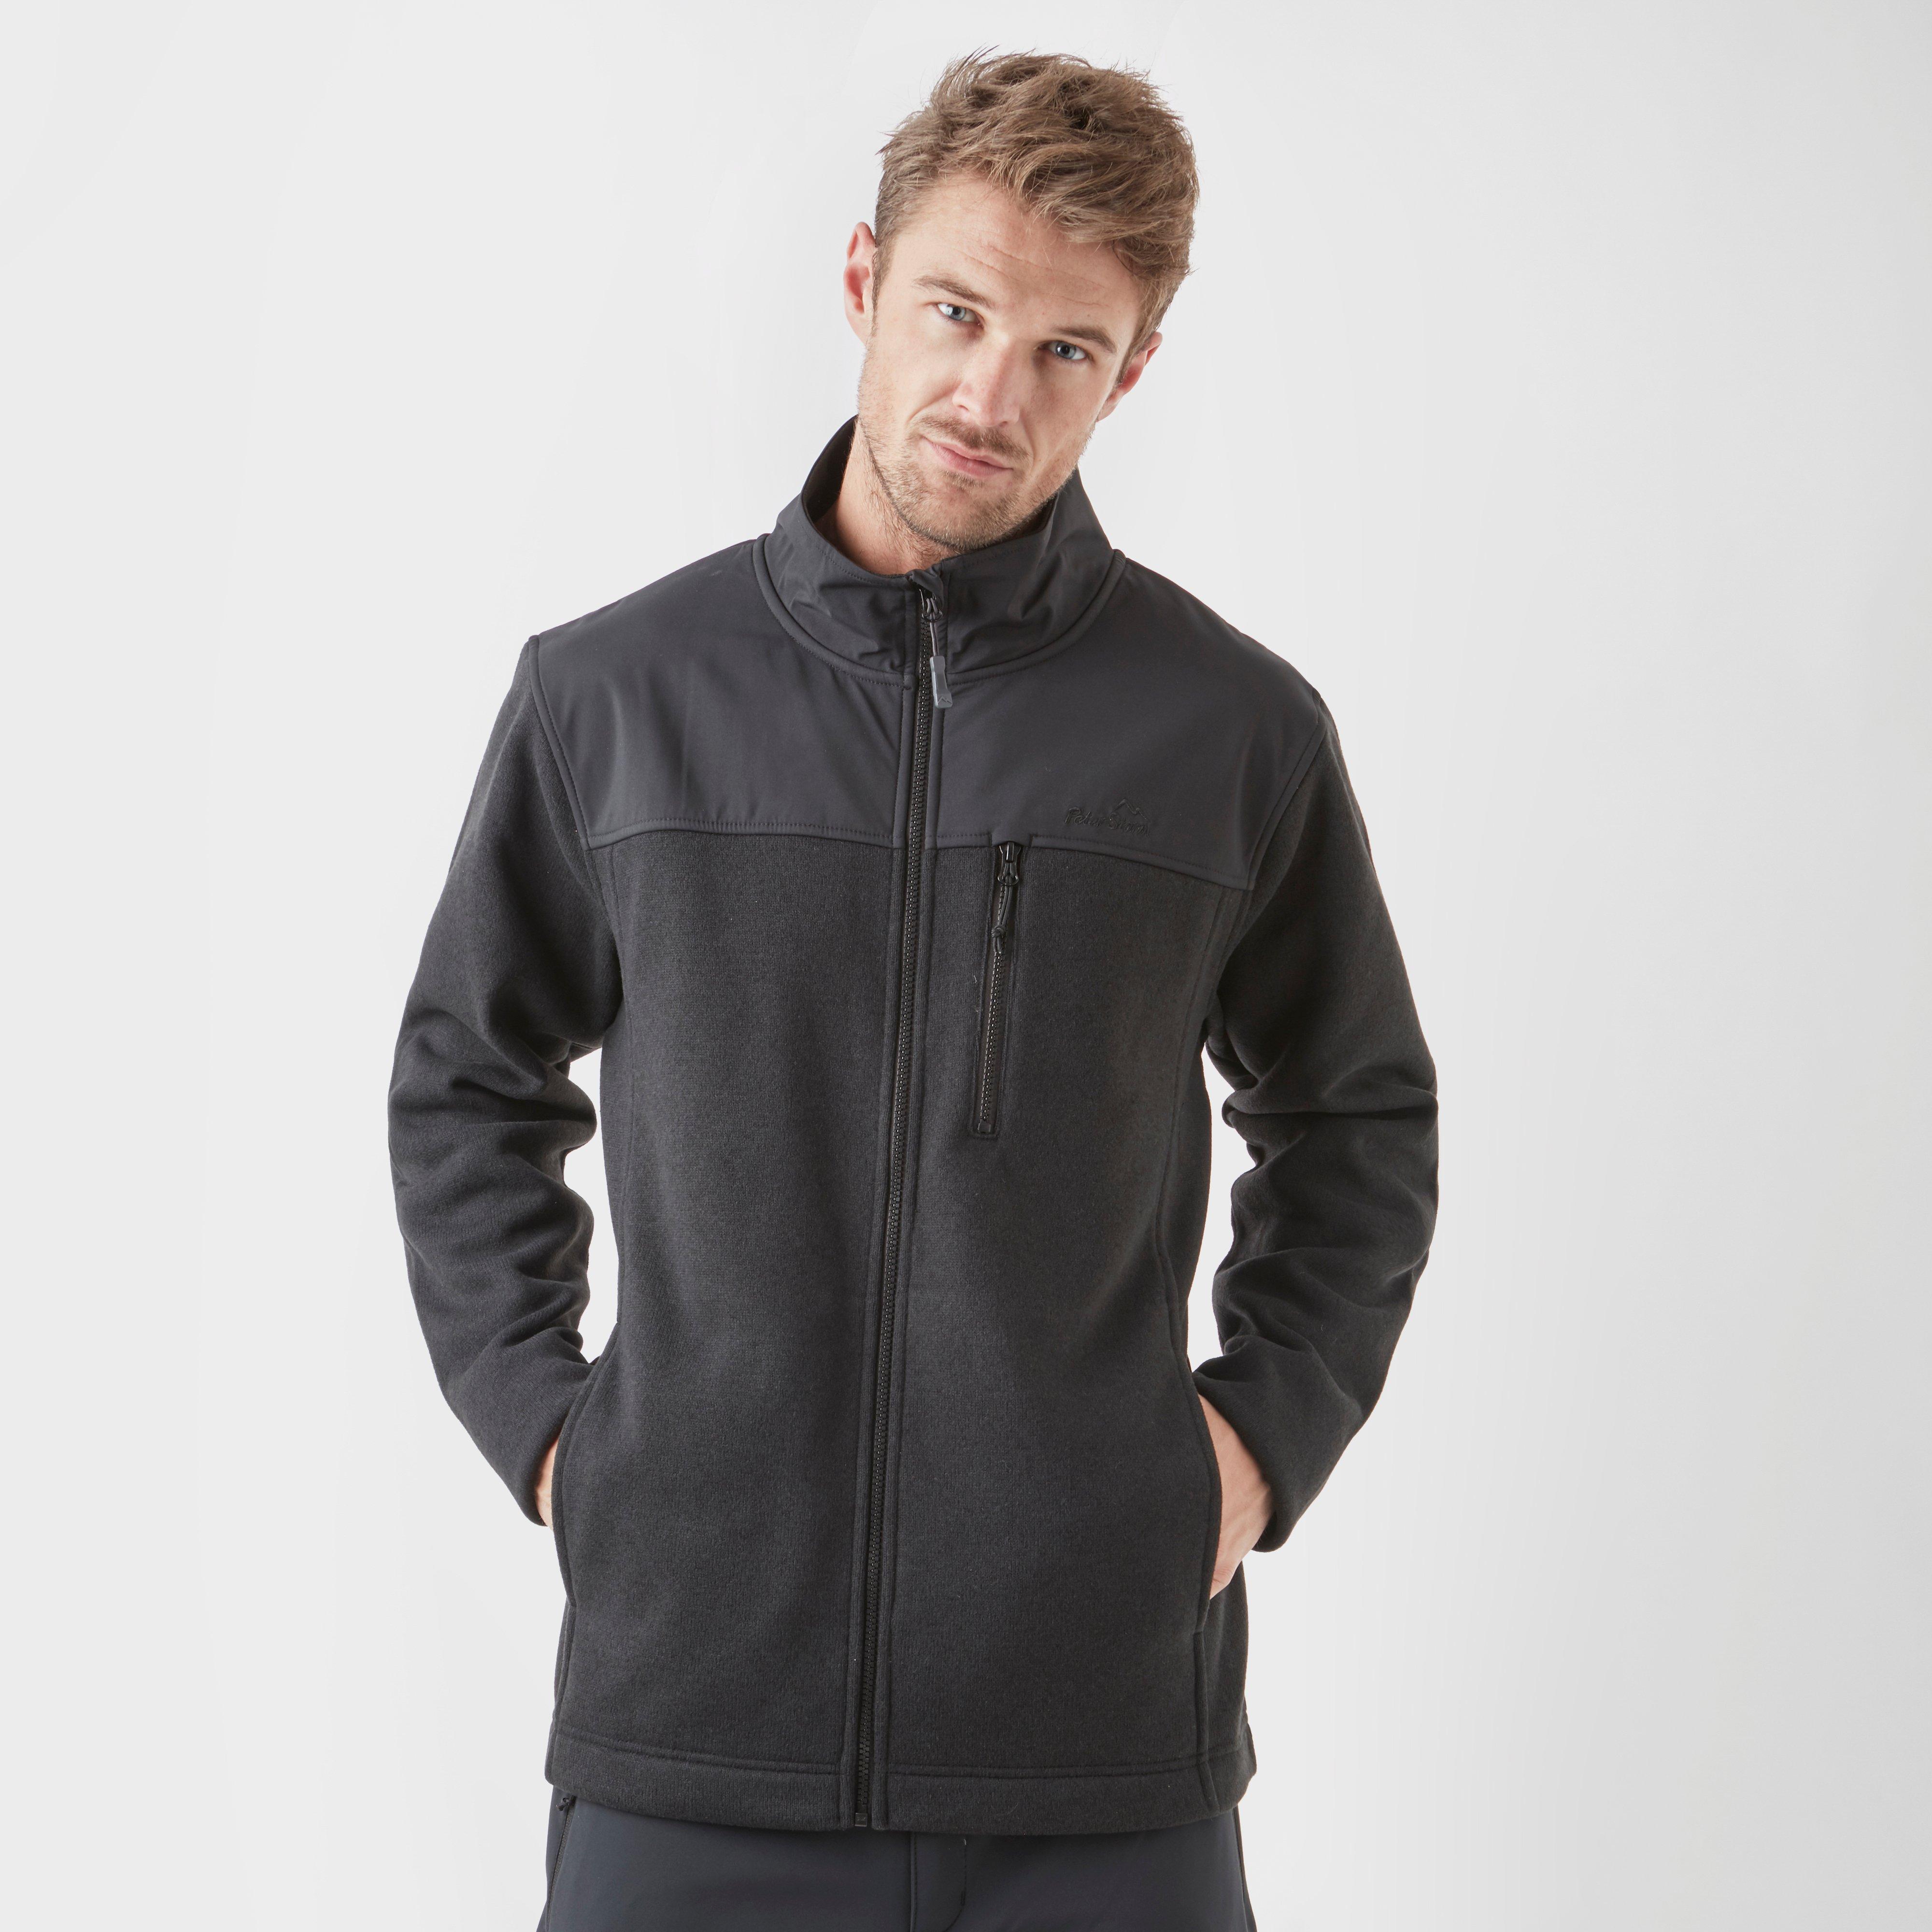 Image of Peter Storm Men's Coverdale Full-Zip Fleece - Black/Blk, Black/BLK